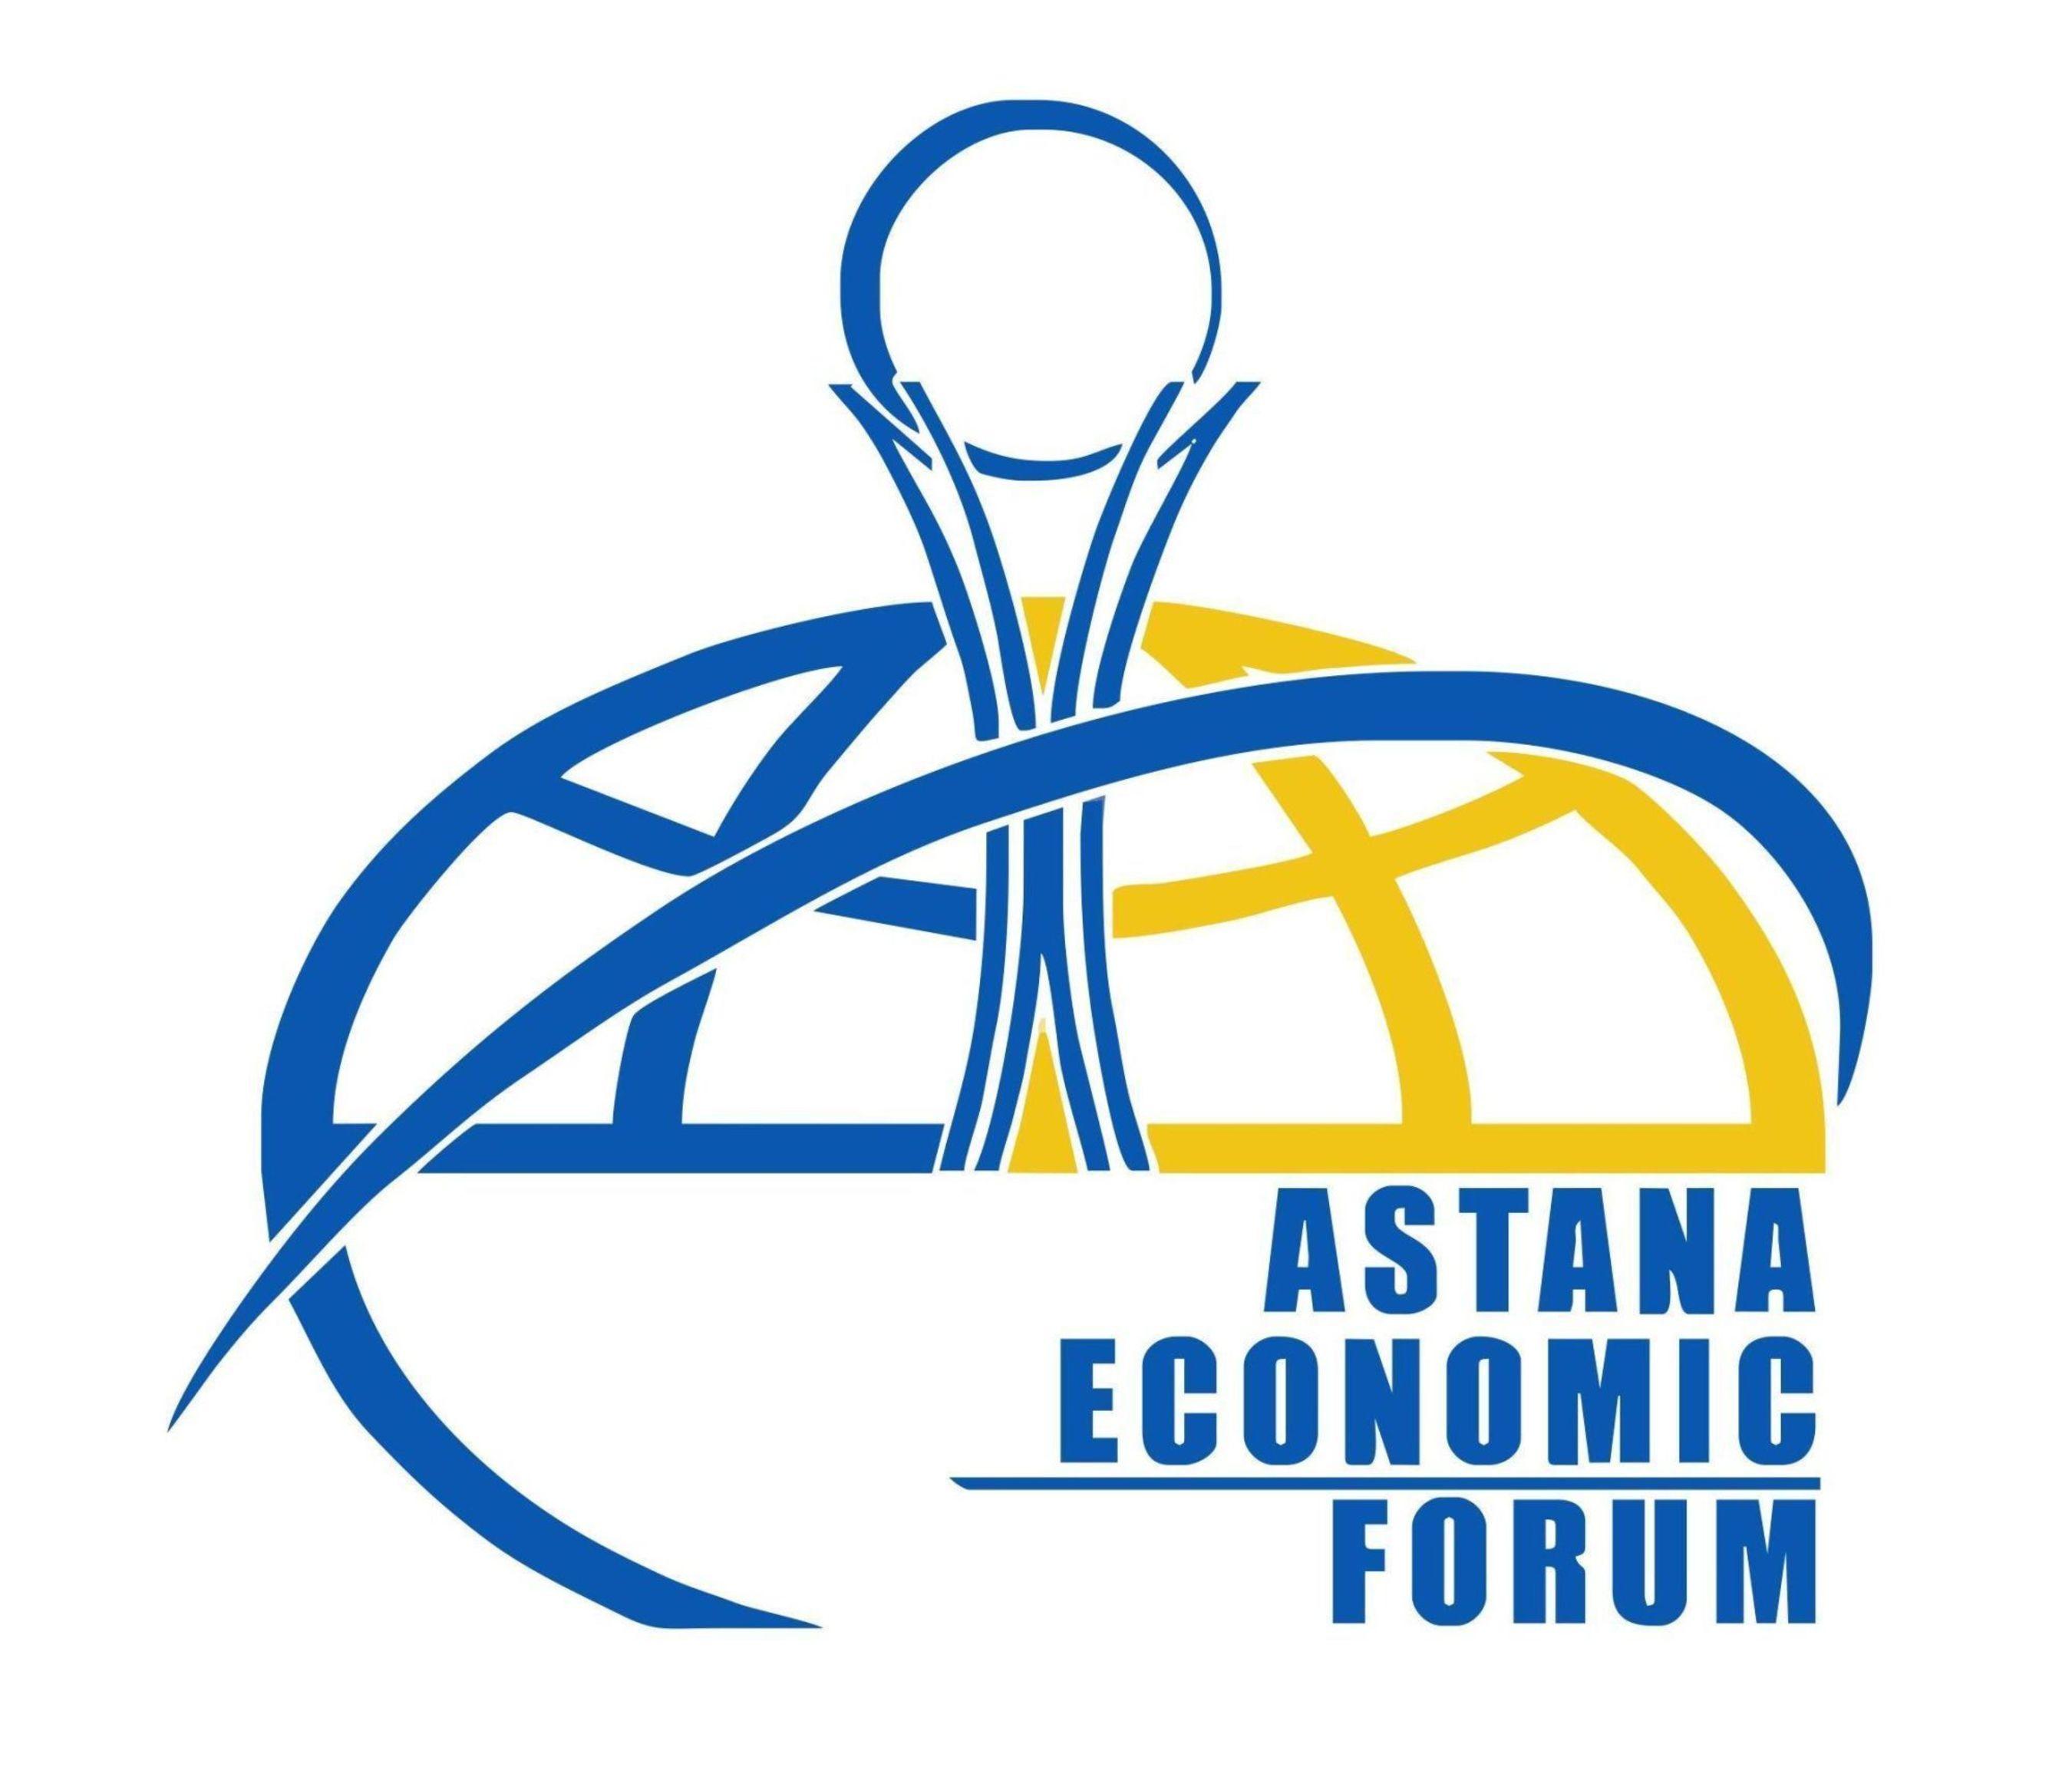 Recomendações do Fórum Econômico de Astana de 2015